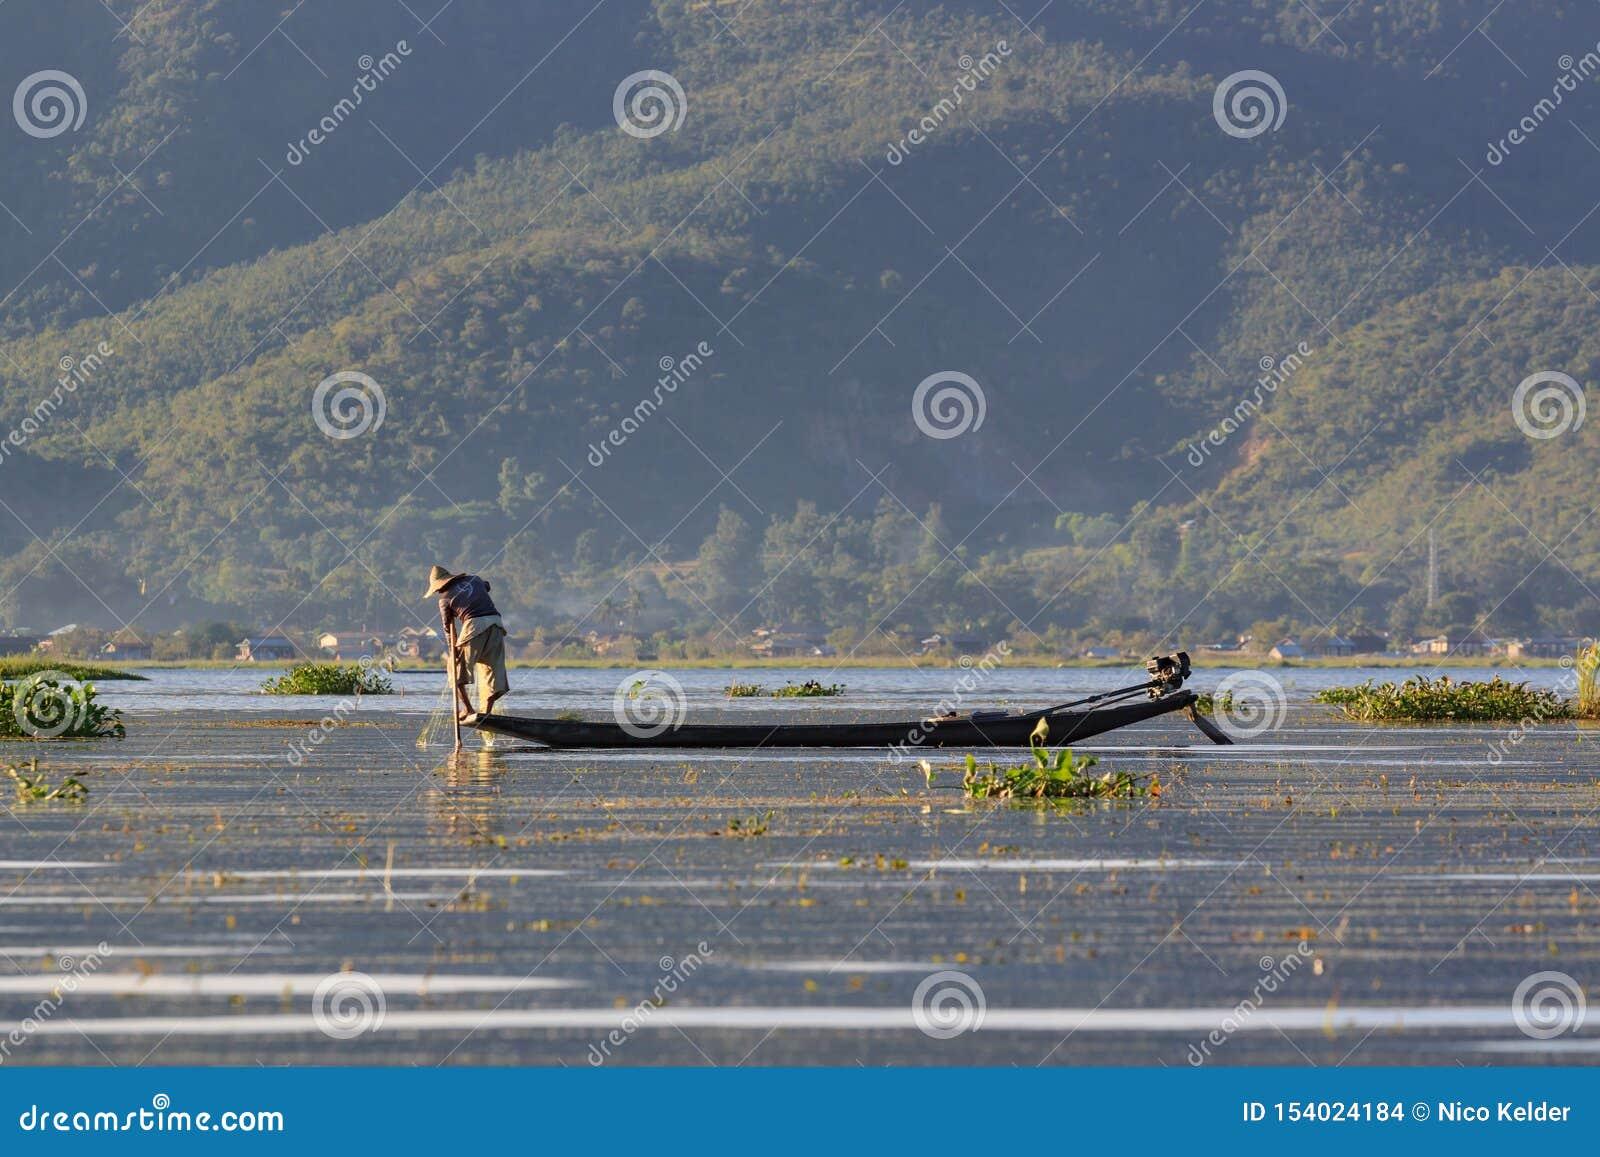 Lago Inle, Myanmar, il 20 novembre 2018 - pescatori autentici che lavorano controllando le loro reti sulle acque del lago Inle